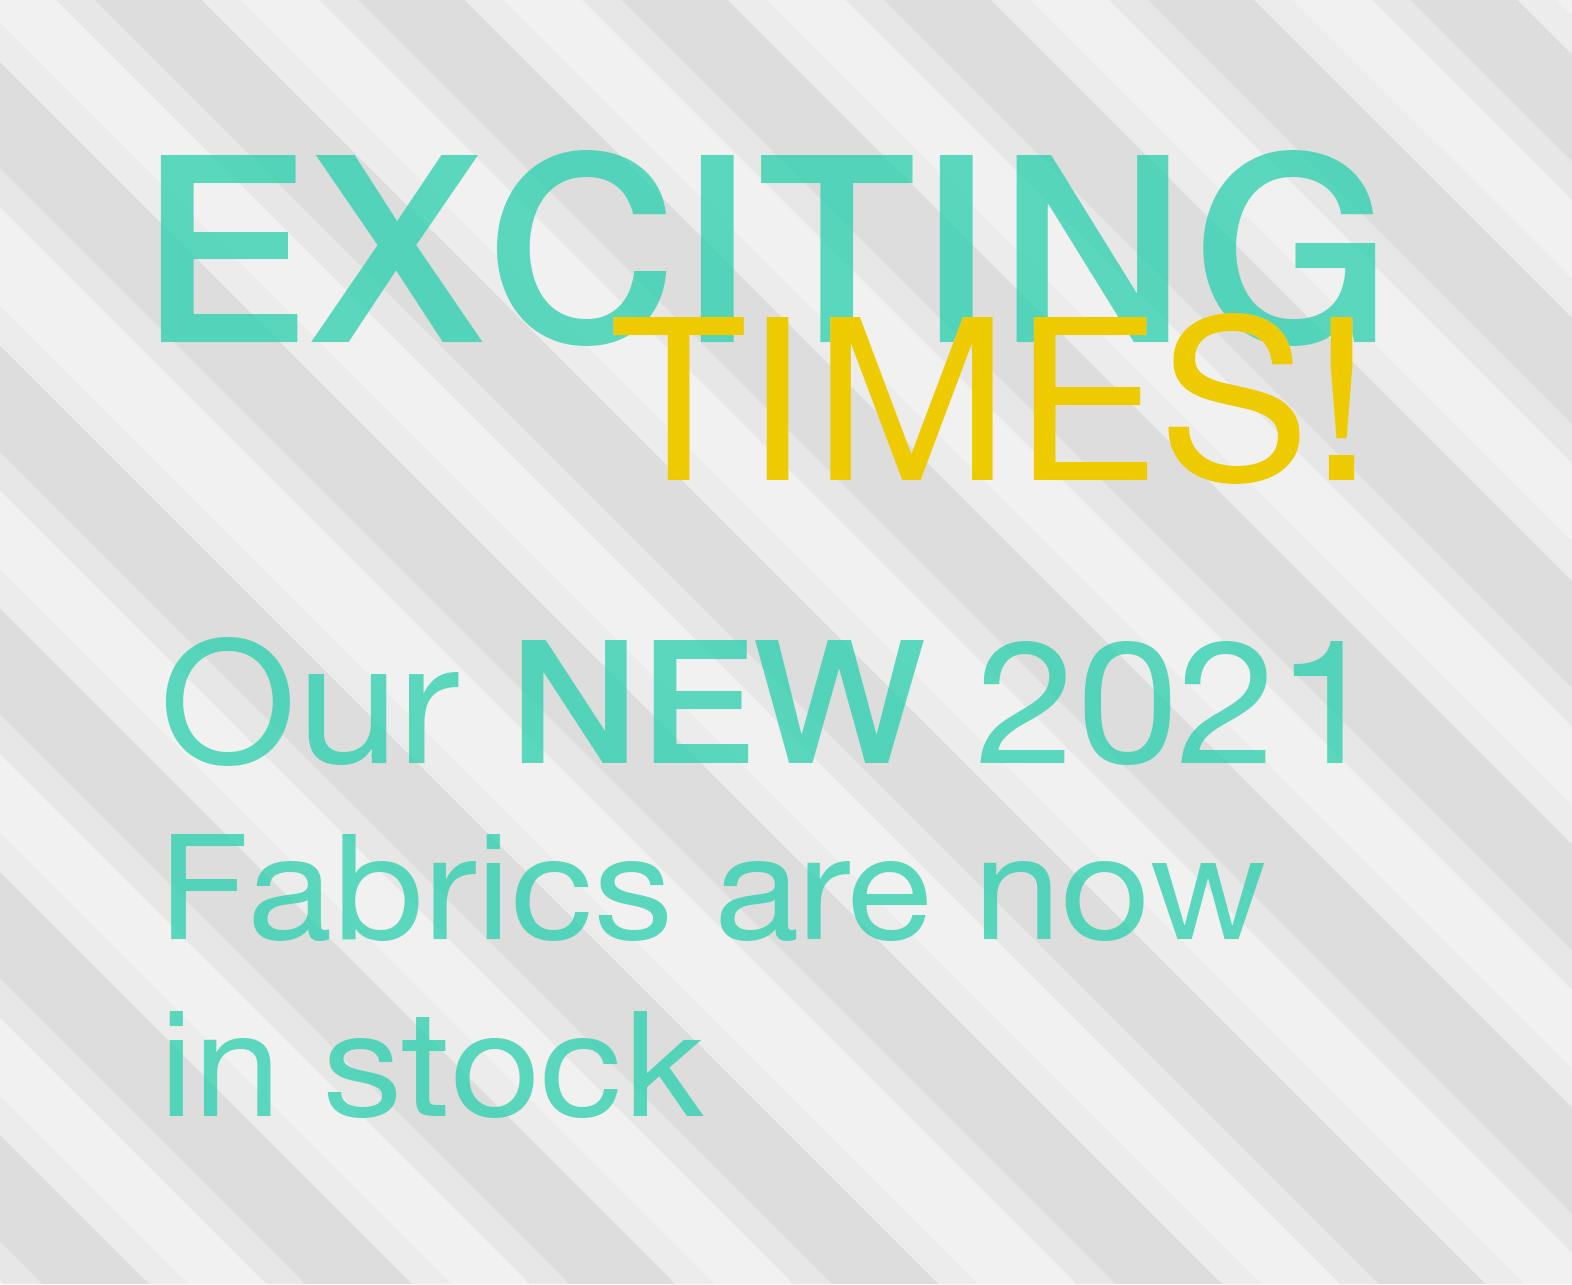 2021 Fabrics now in stock